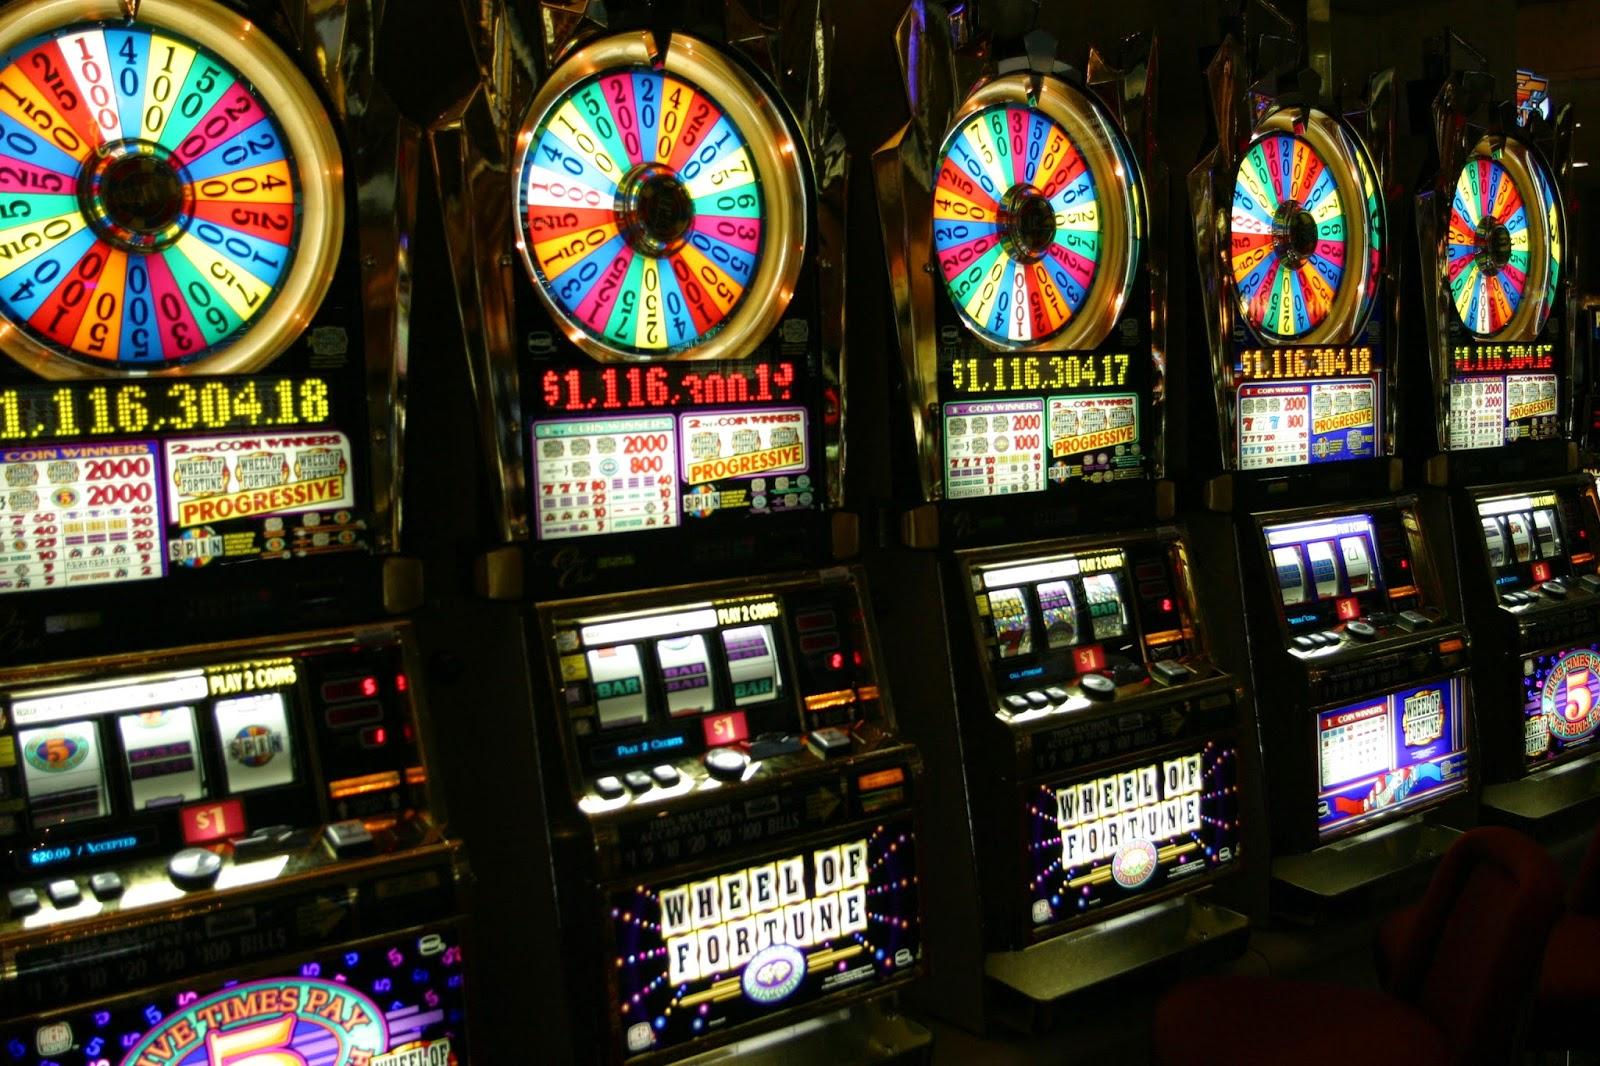 Kinh doanh trò chơi điện tử có thưởng chơi bằng máy sờ-lot (slot) có phải đóng thuế tiêu thụ đặc biệt hay không?